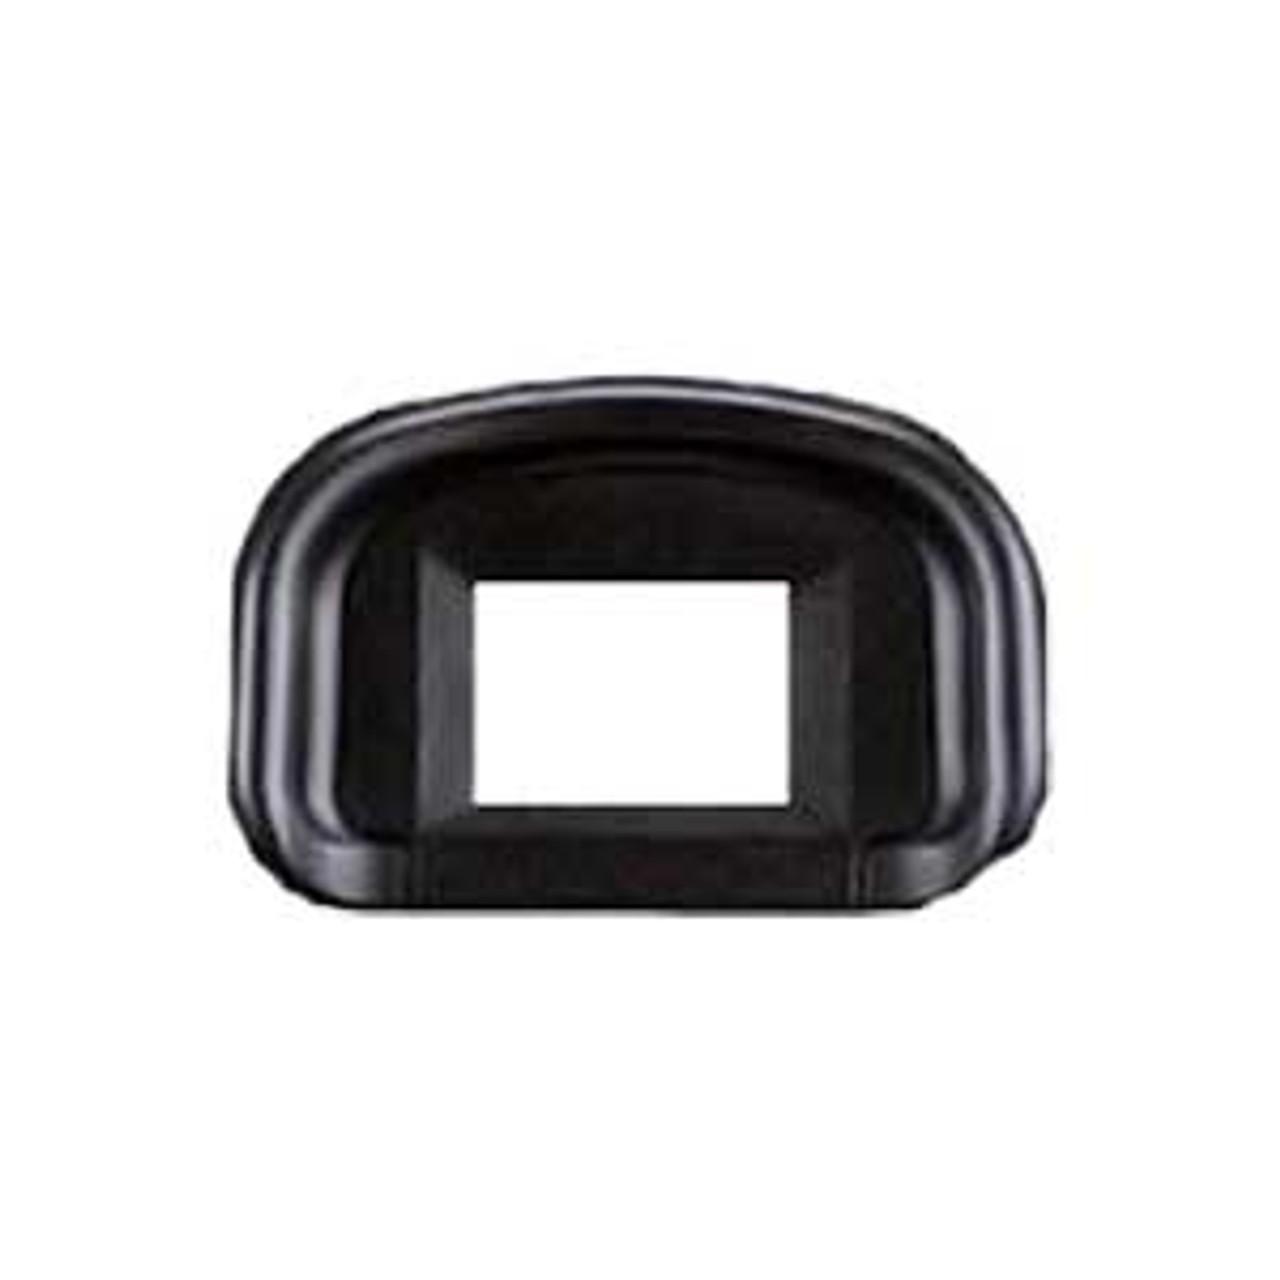 Canon EG Eyecup